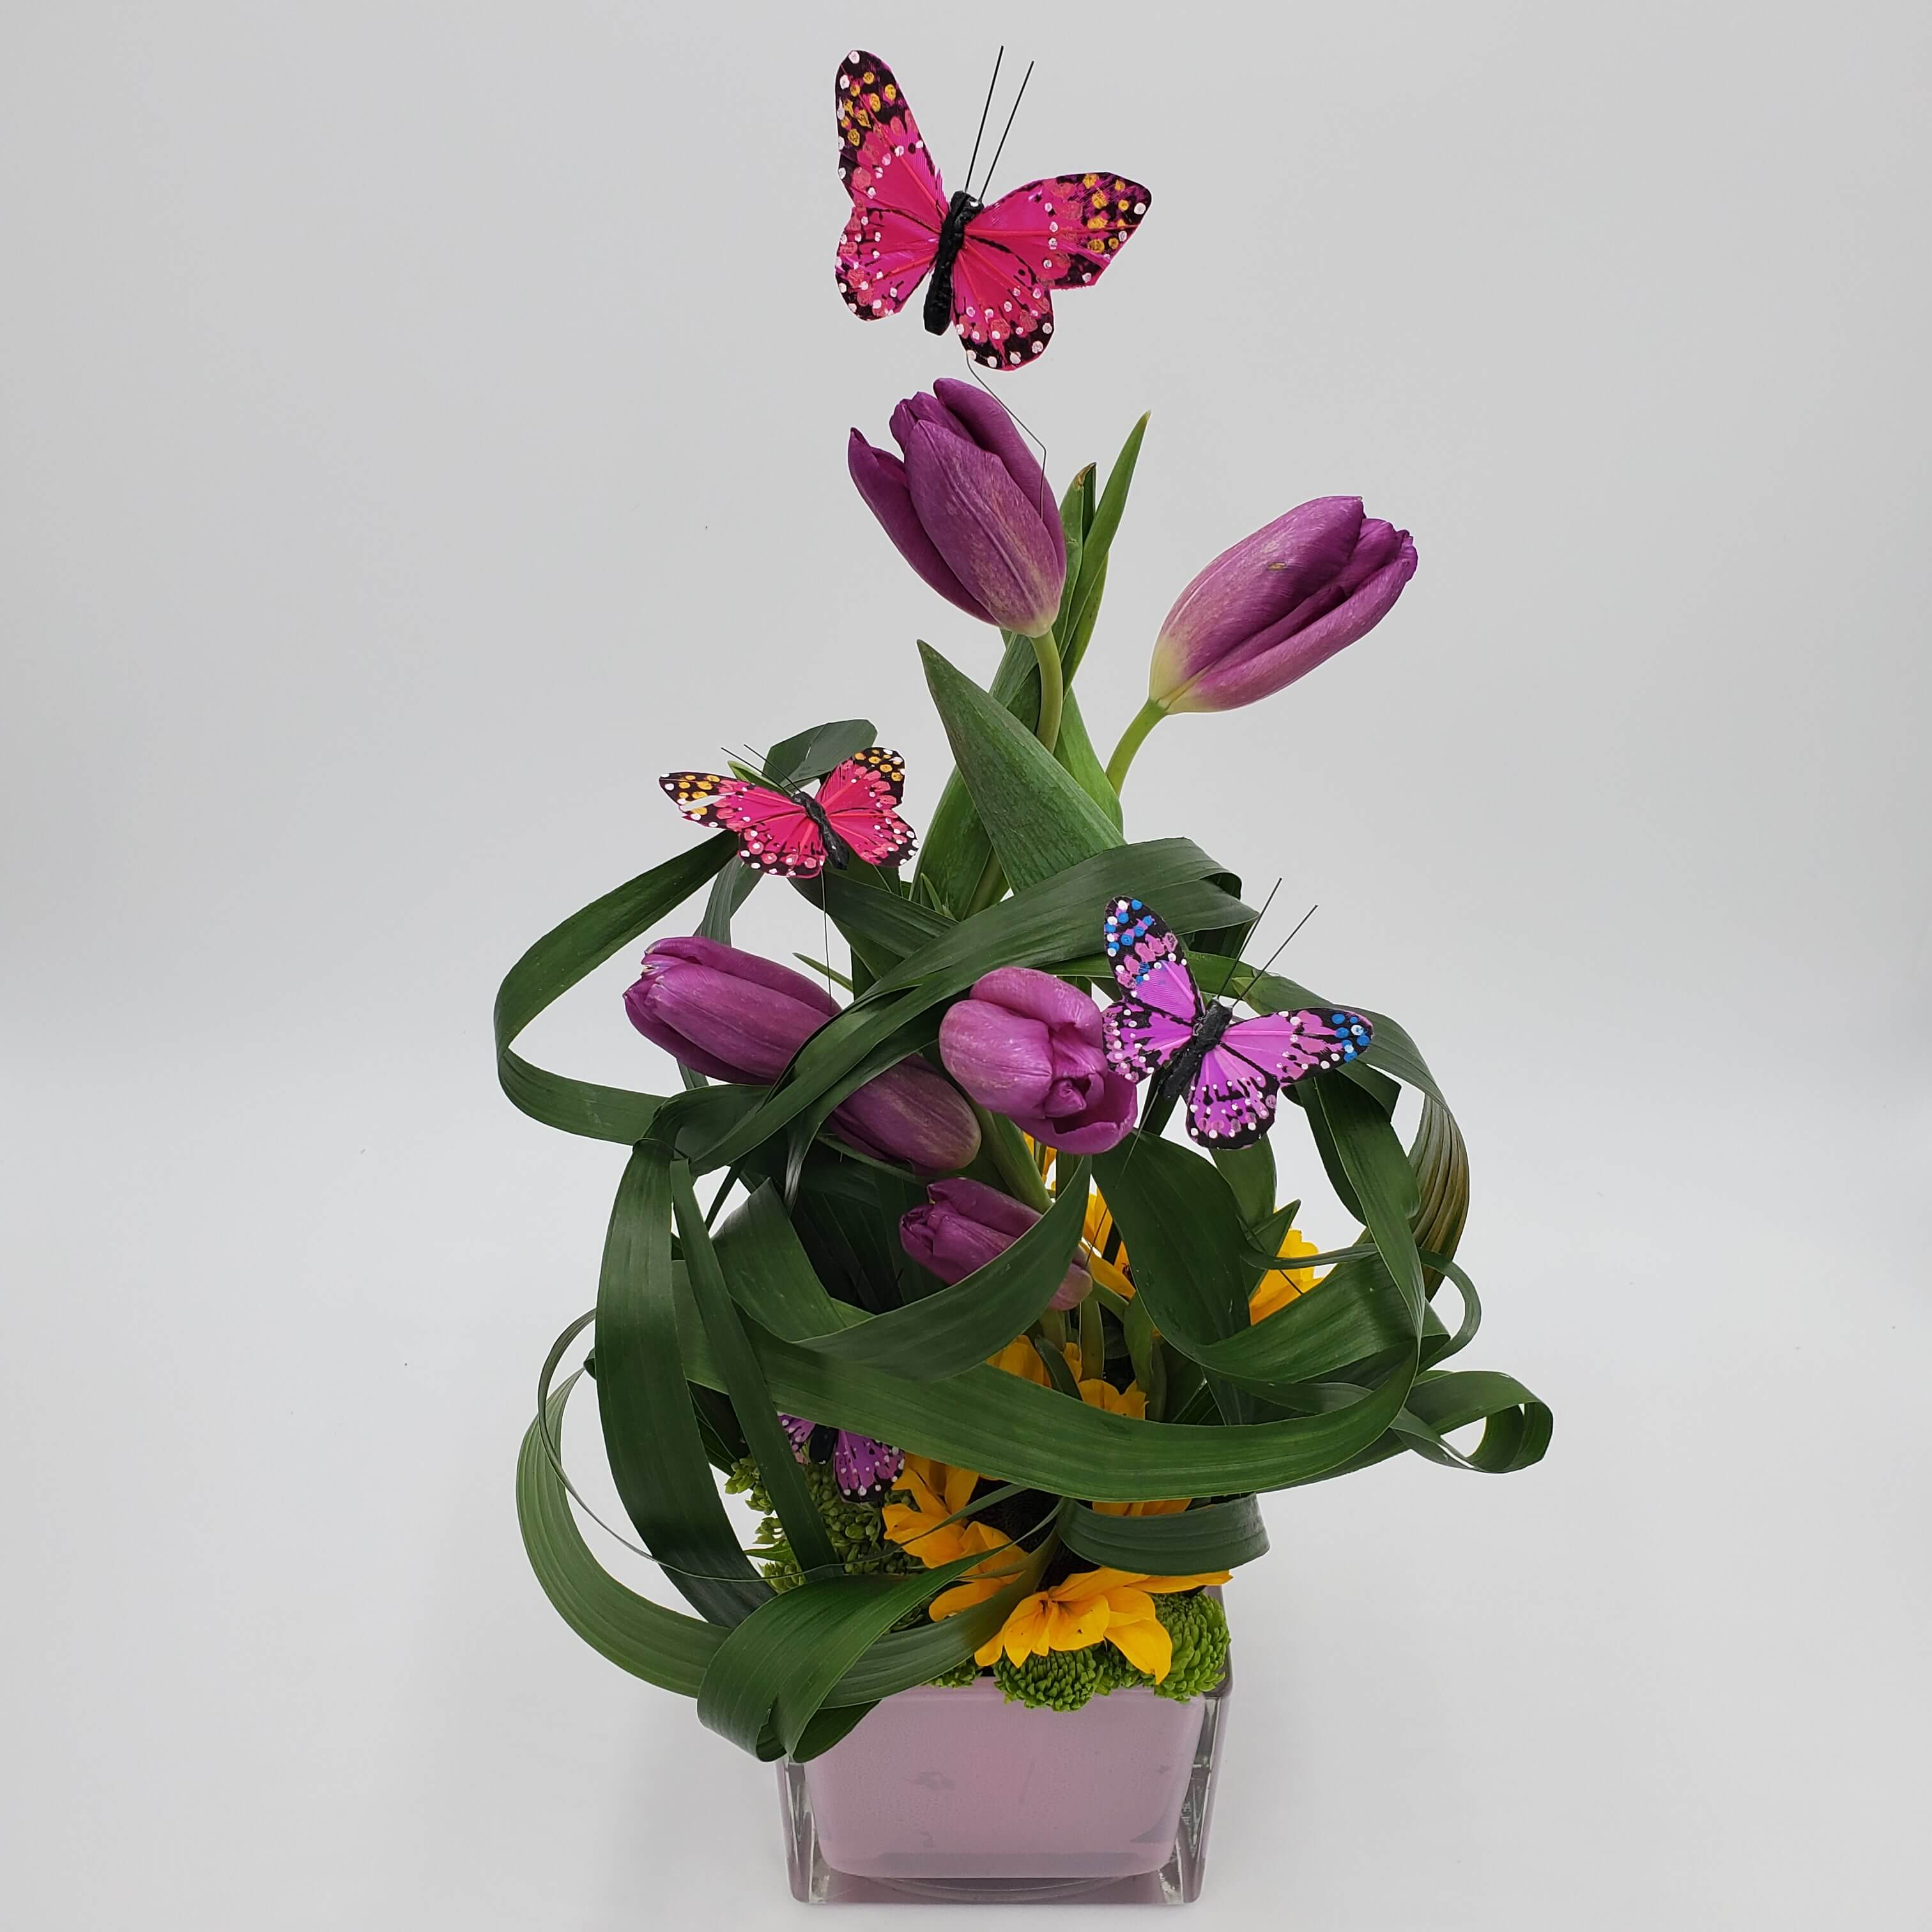 Artistic Spring floral design